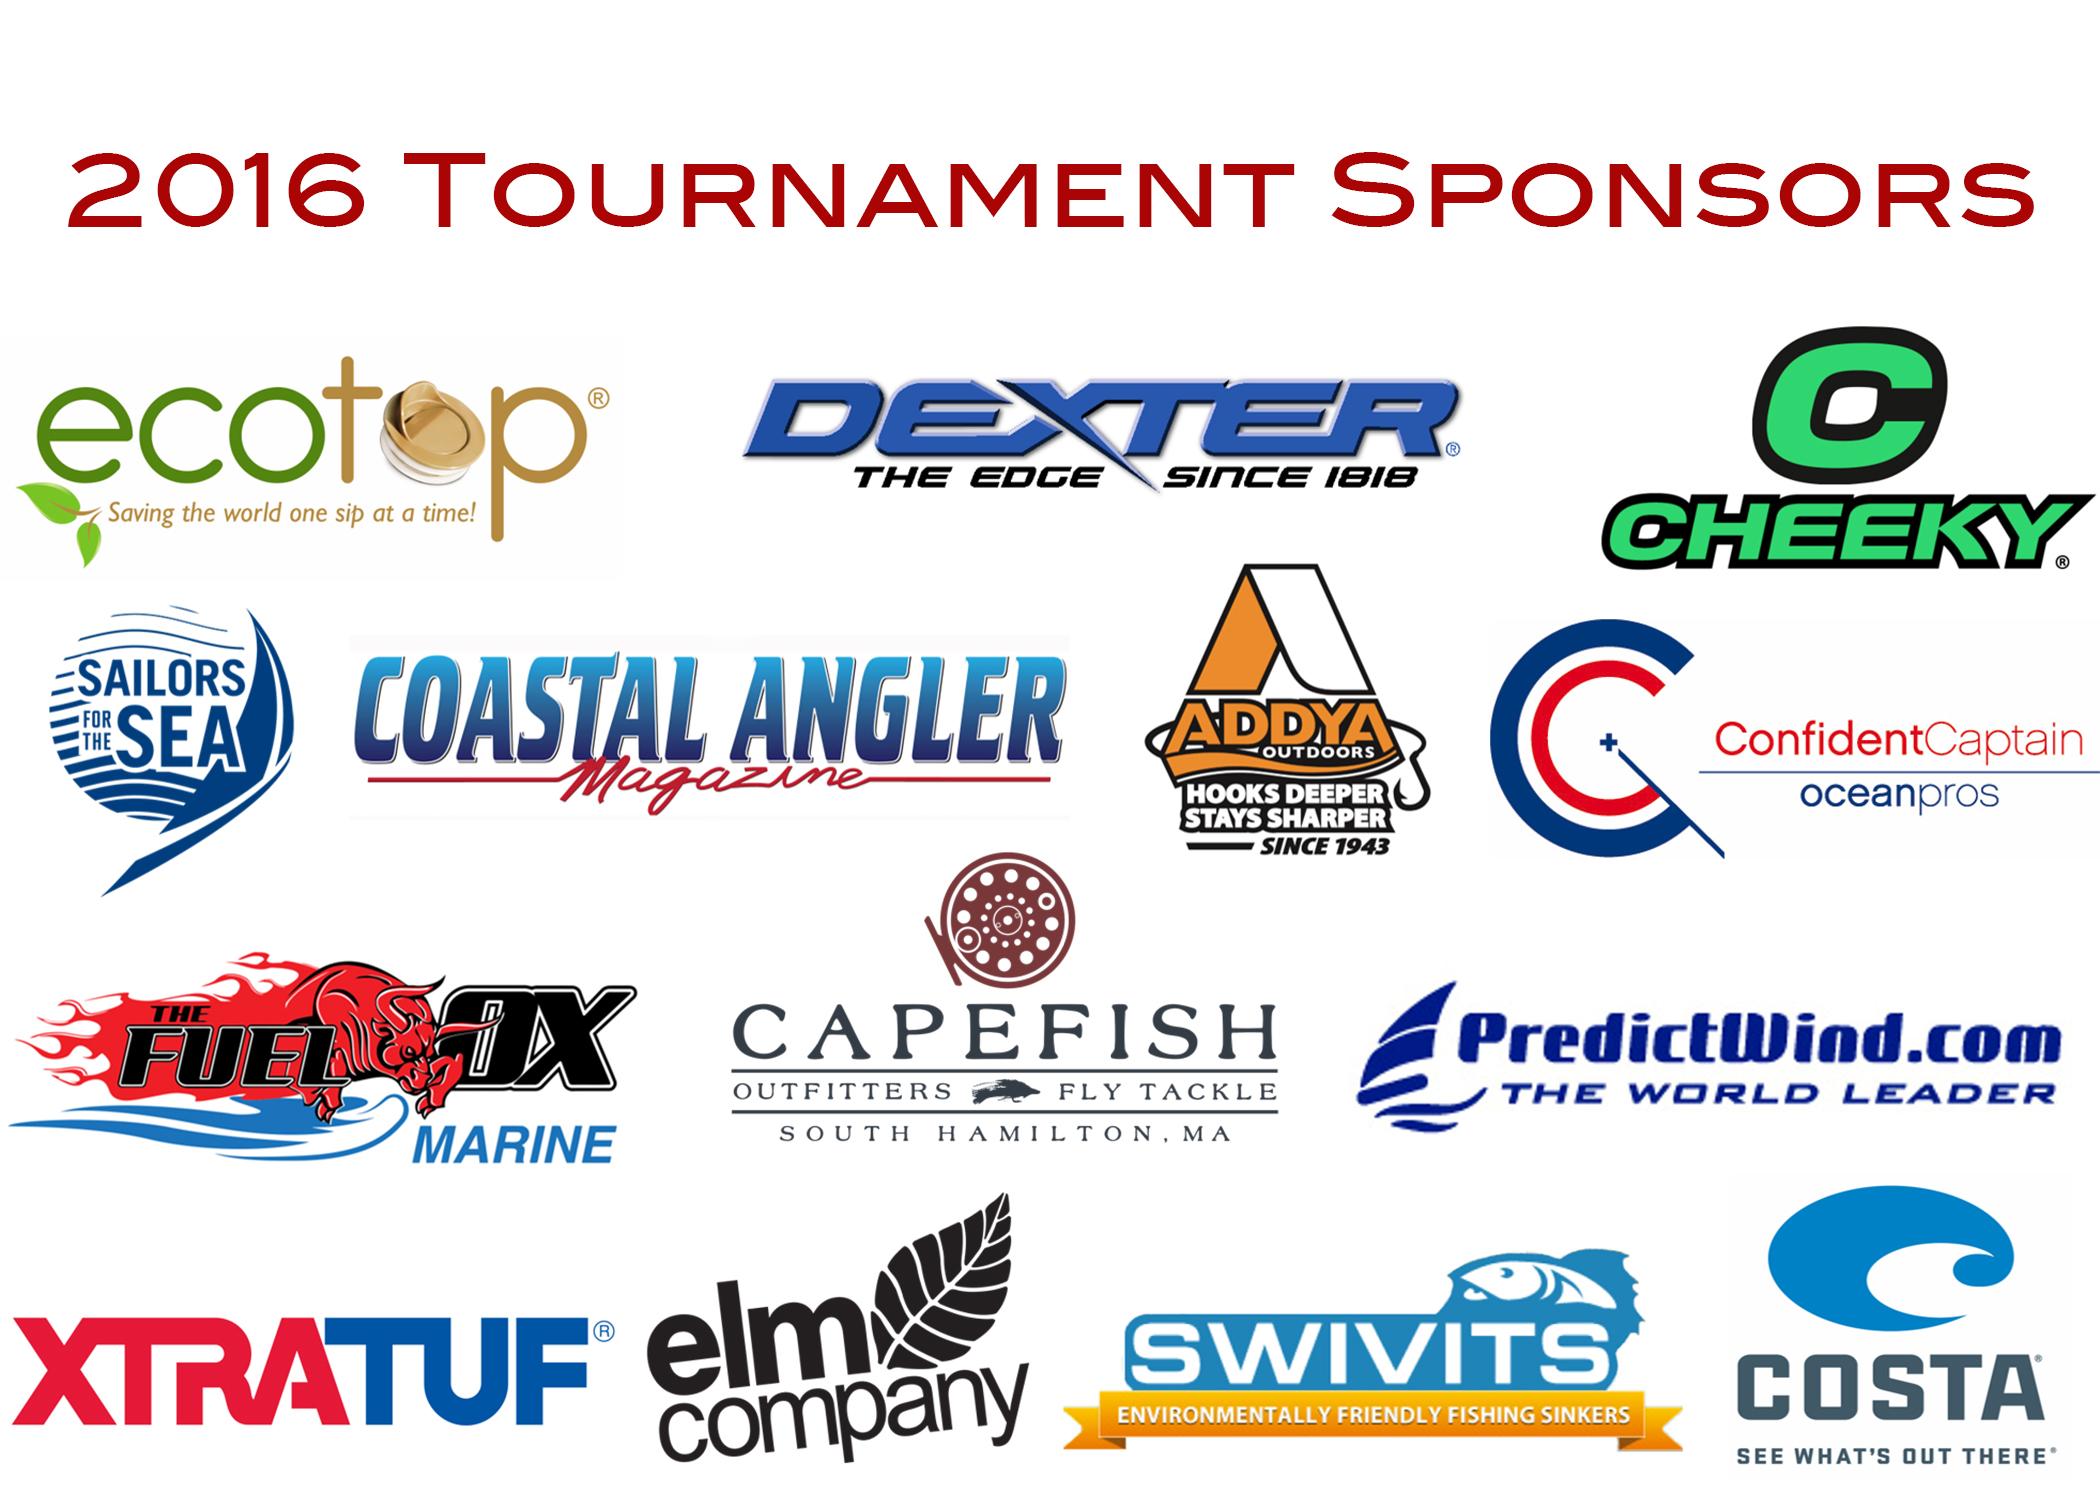 All 2016 Sponsors